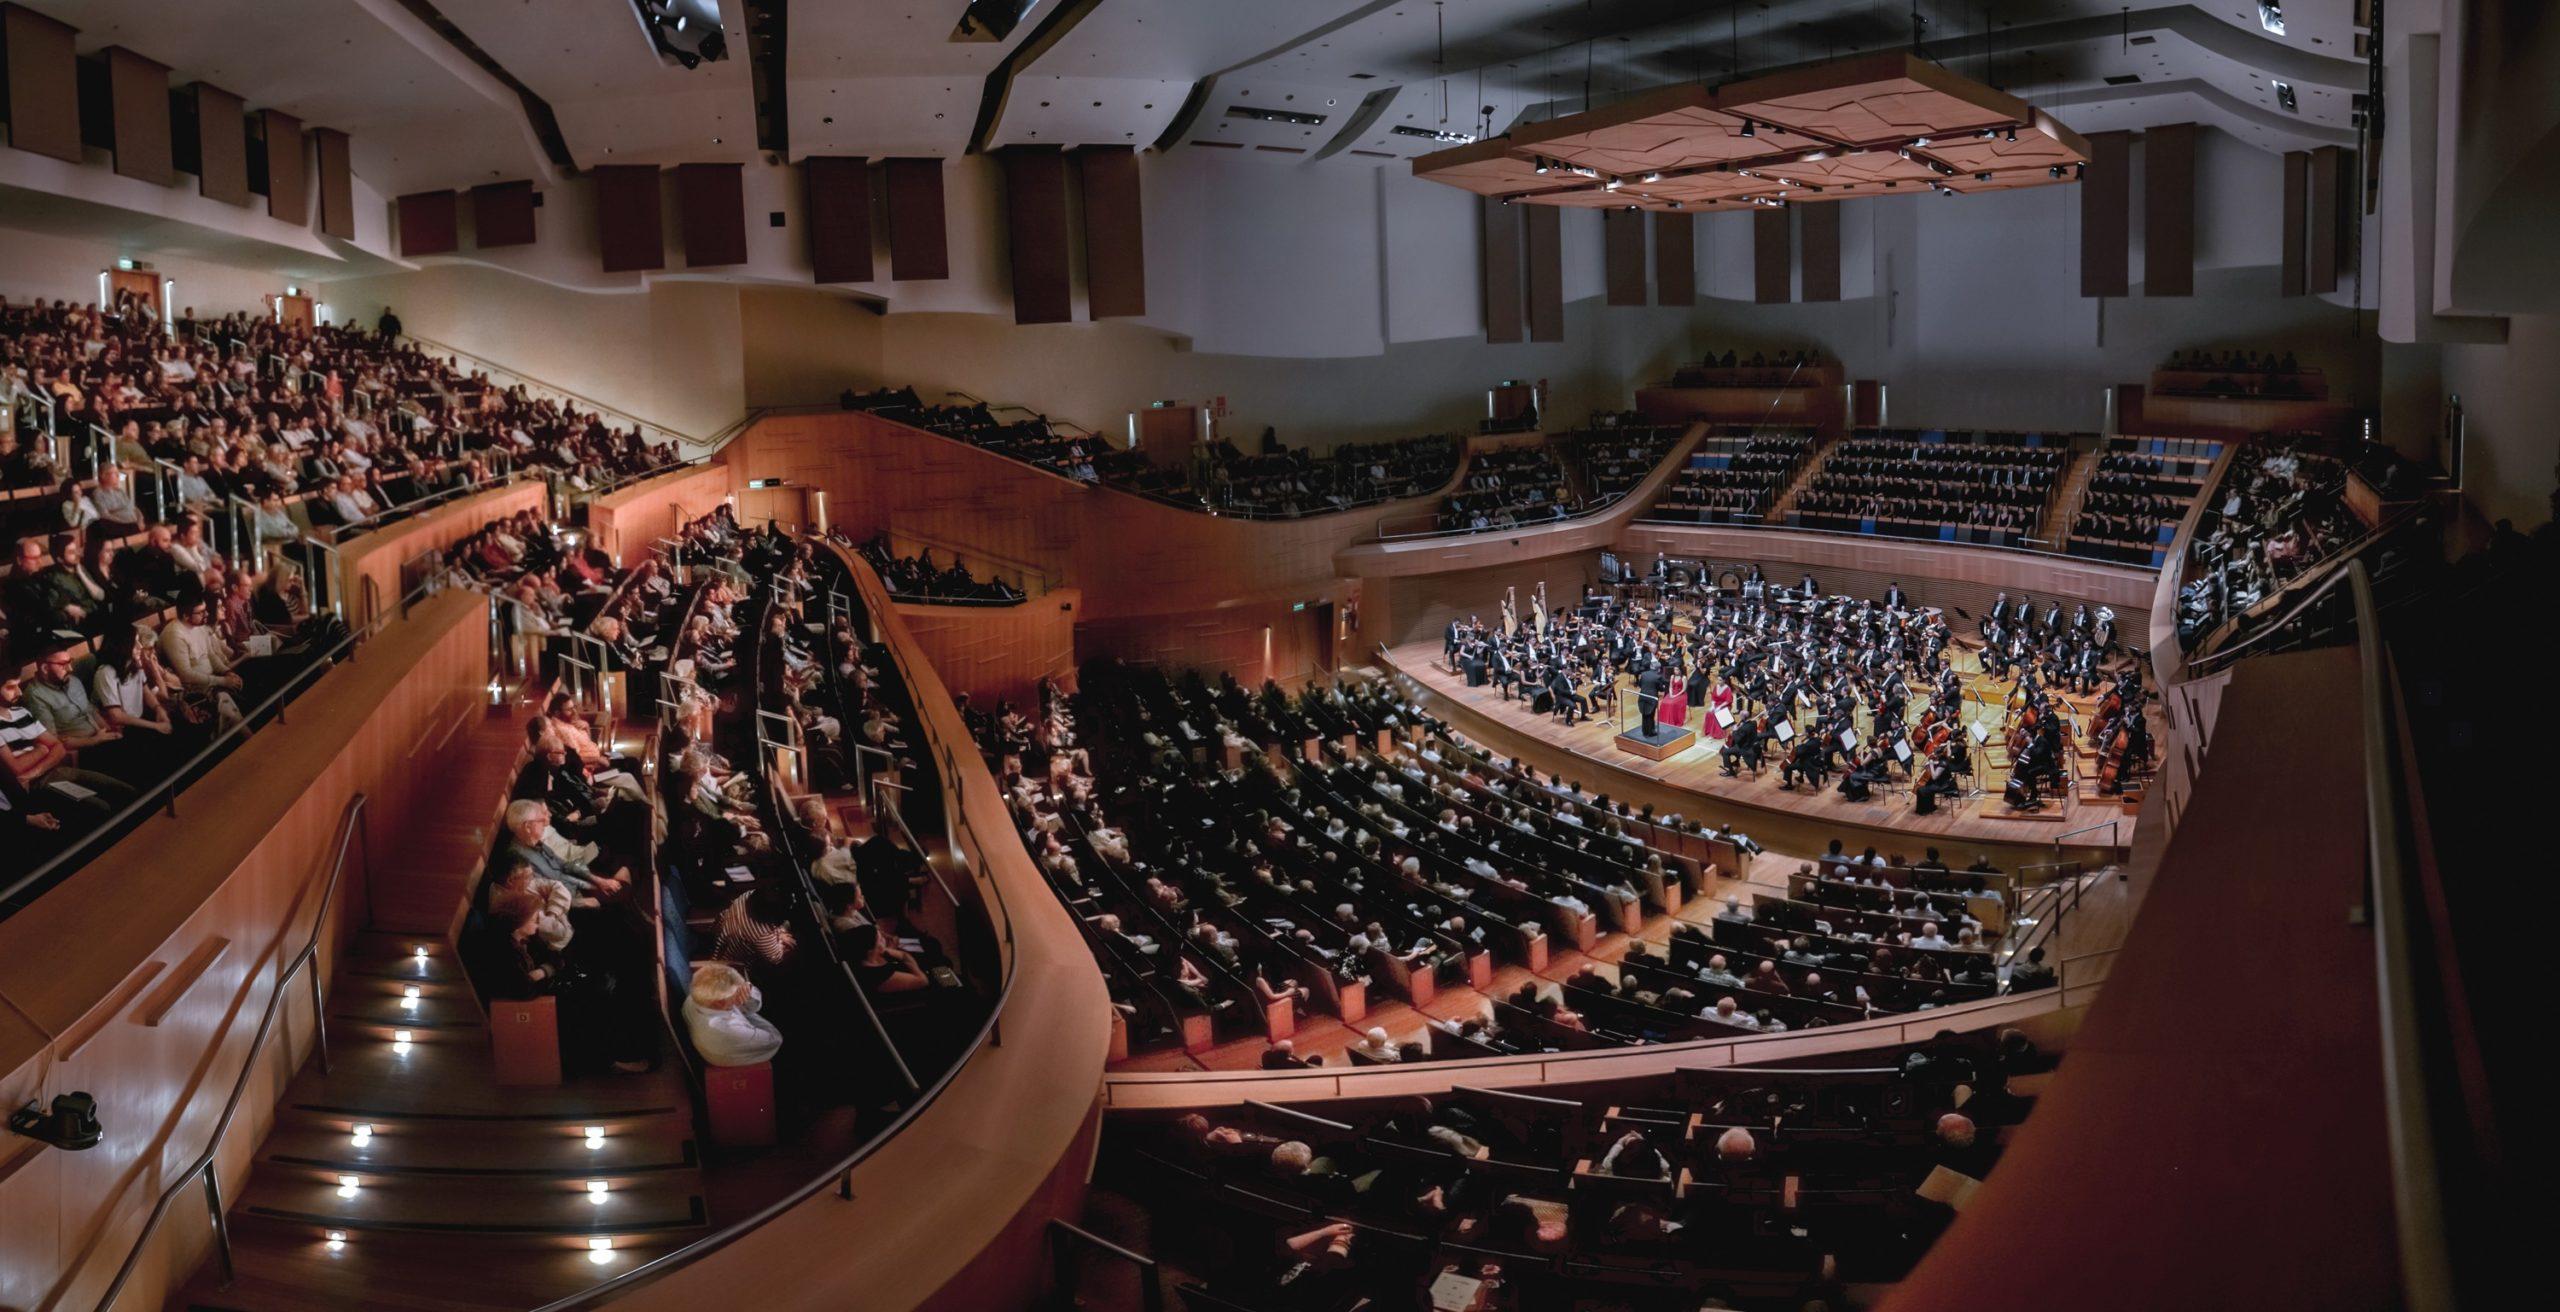 Sala Minas Gerais (Minas Gerais Hall) Interior